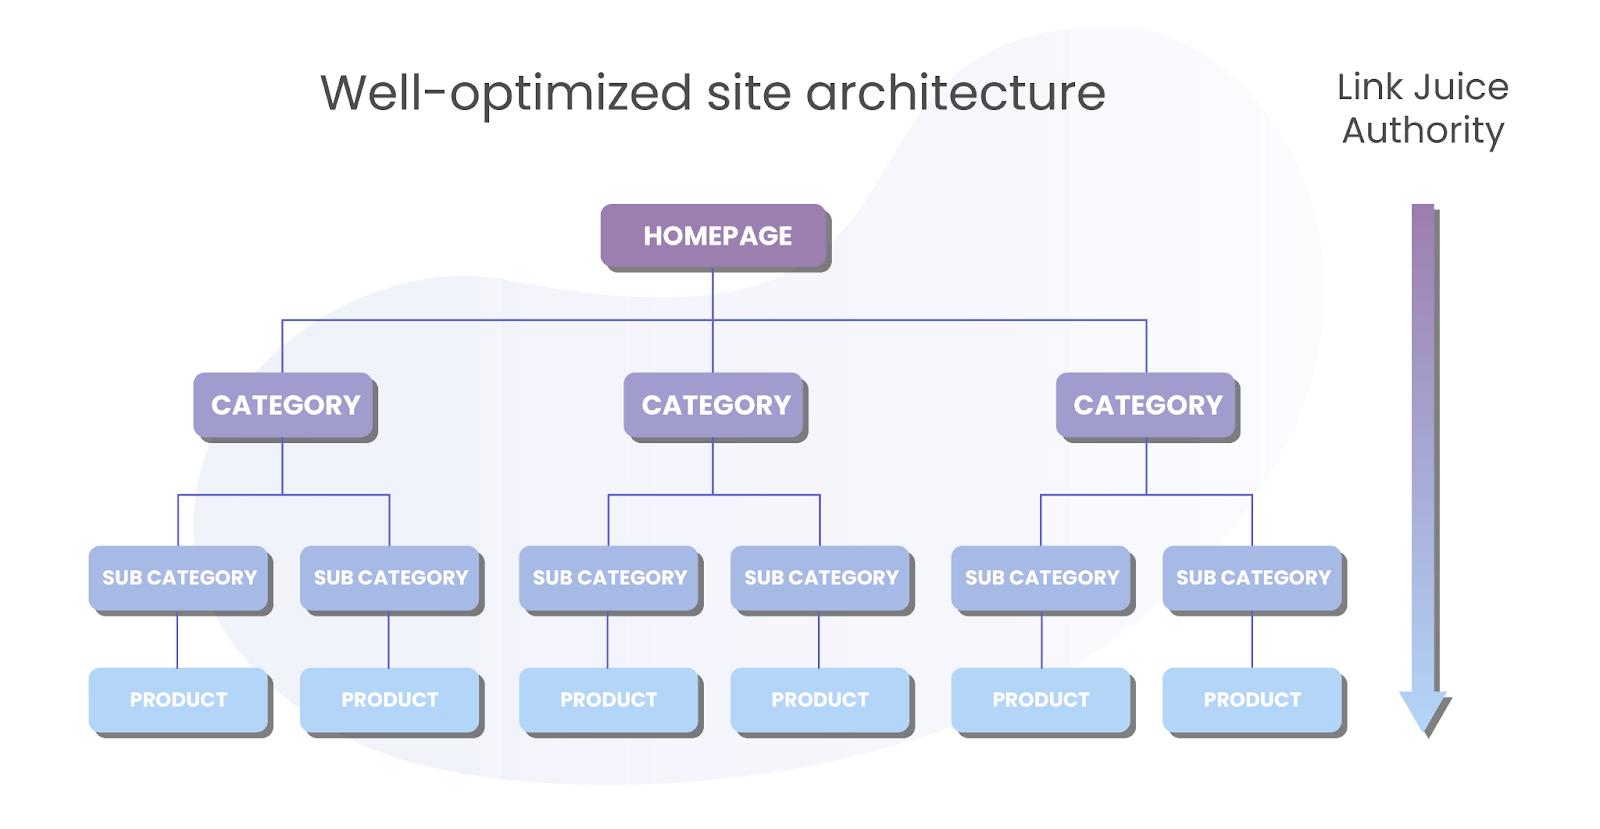 Site Architecture + Link Juice Flow